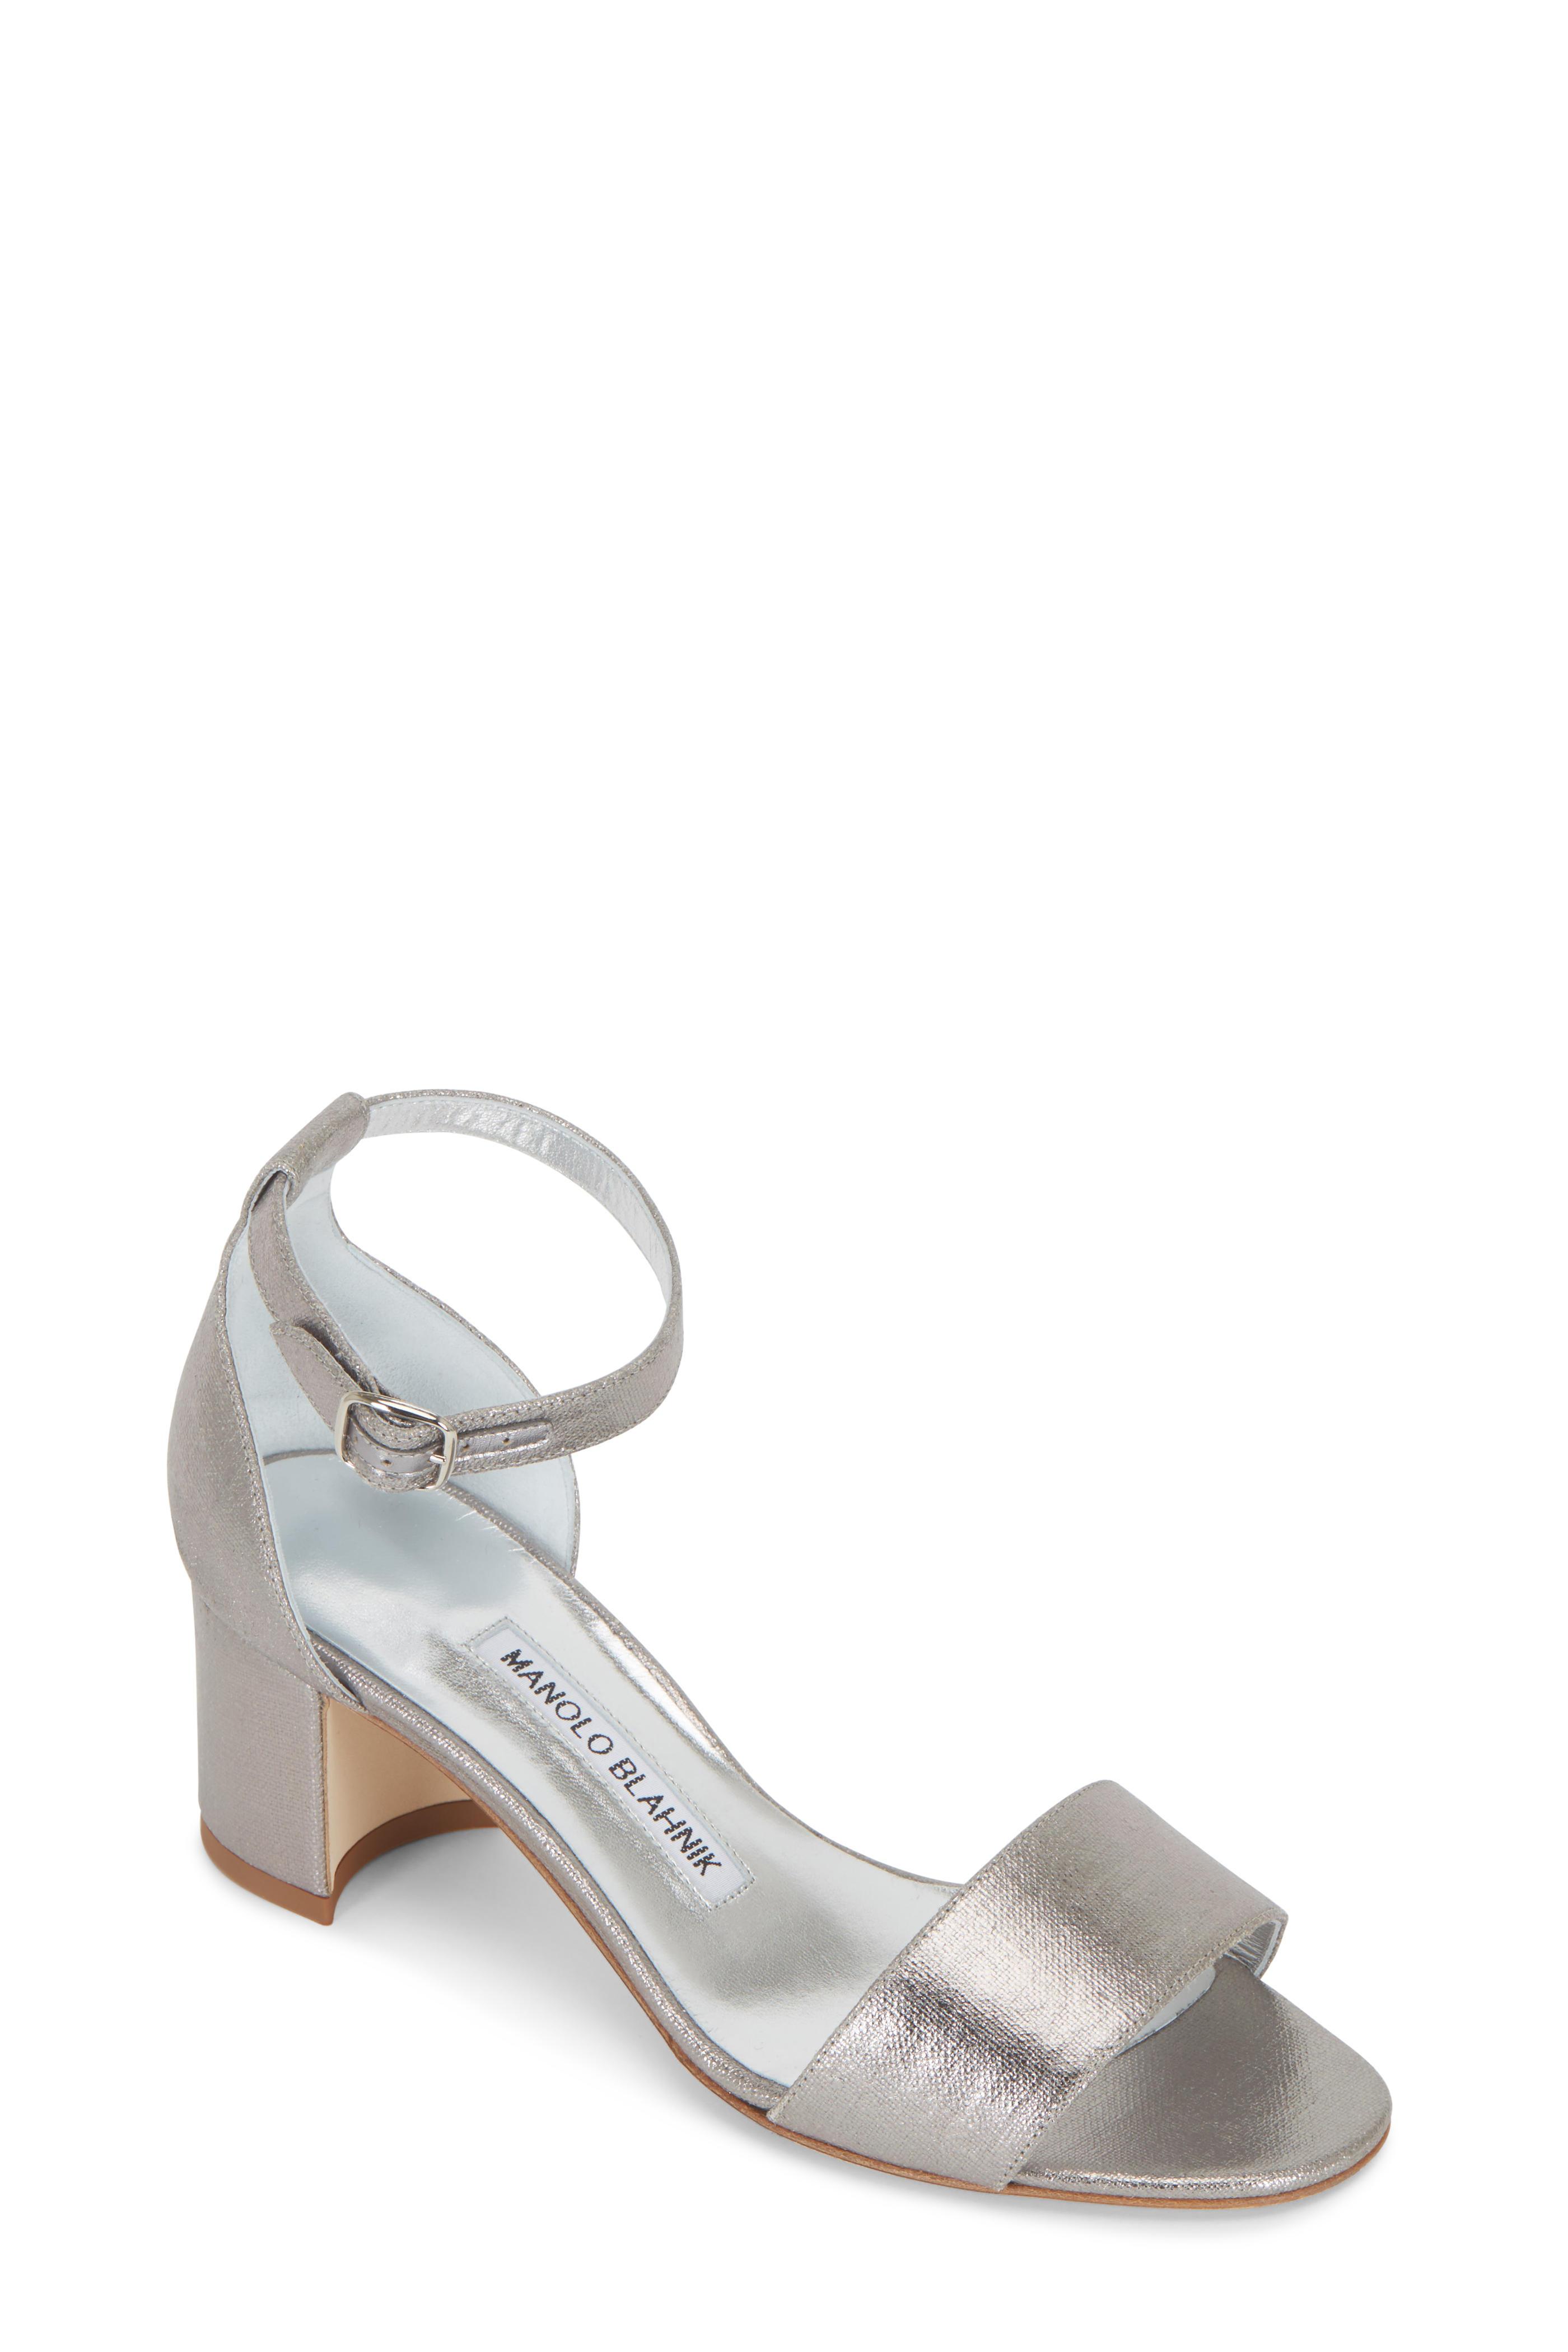 7c45a3c98d2 Manolo Blahnik - Lauratomod Silver One Band Linen Sandal